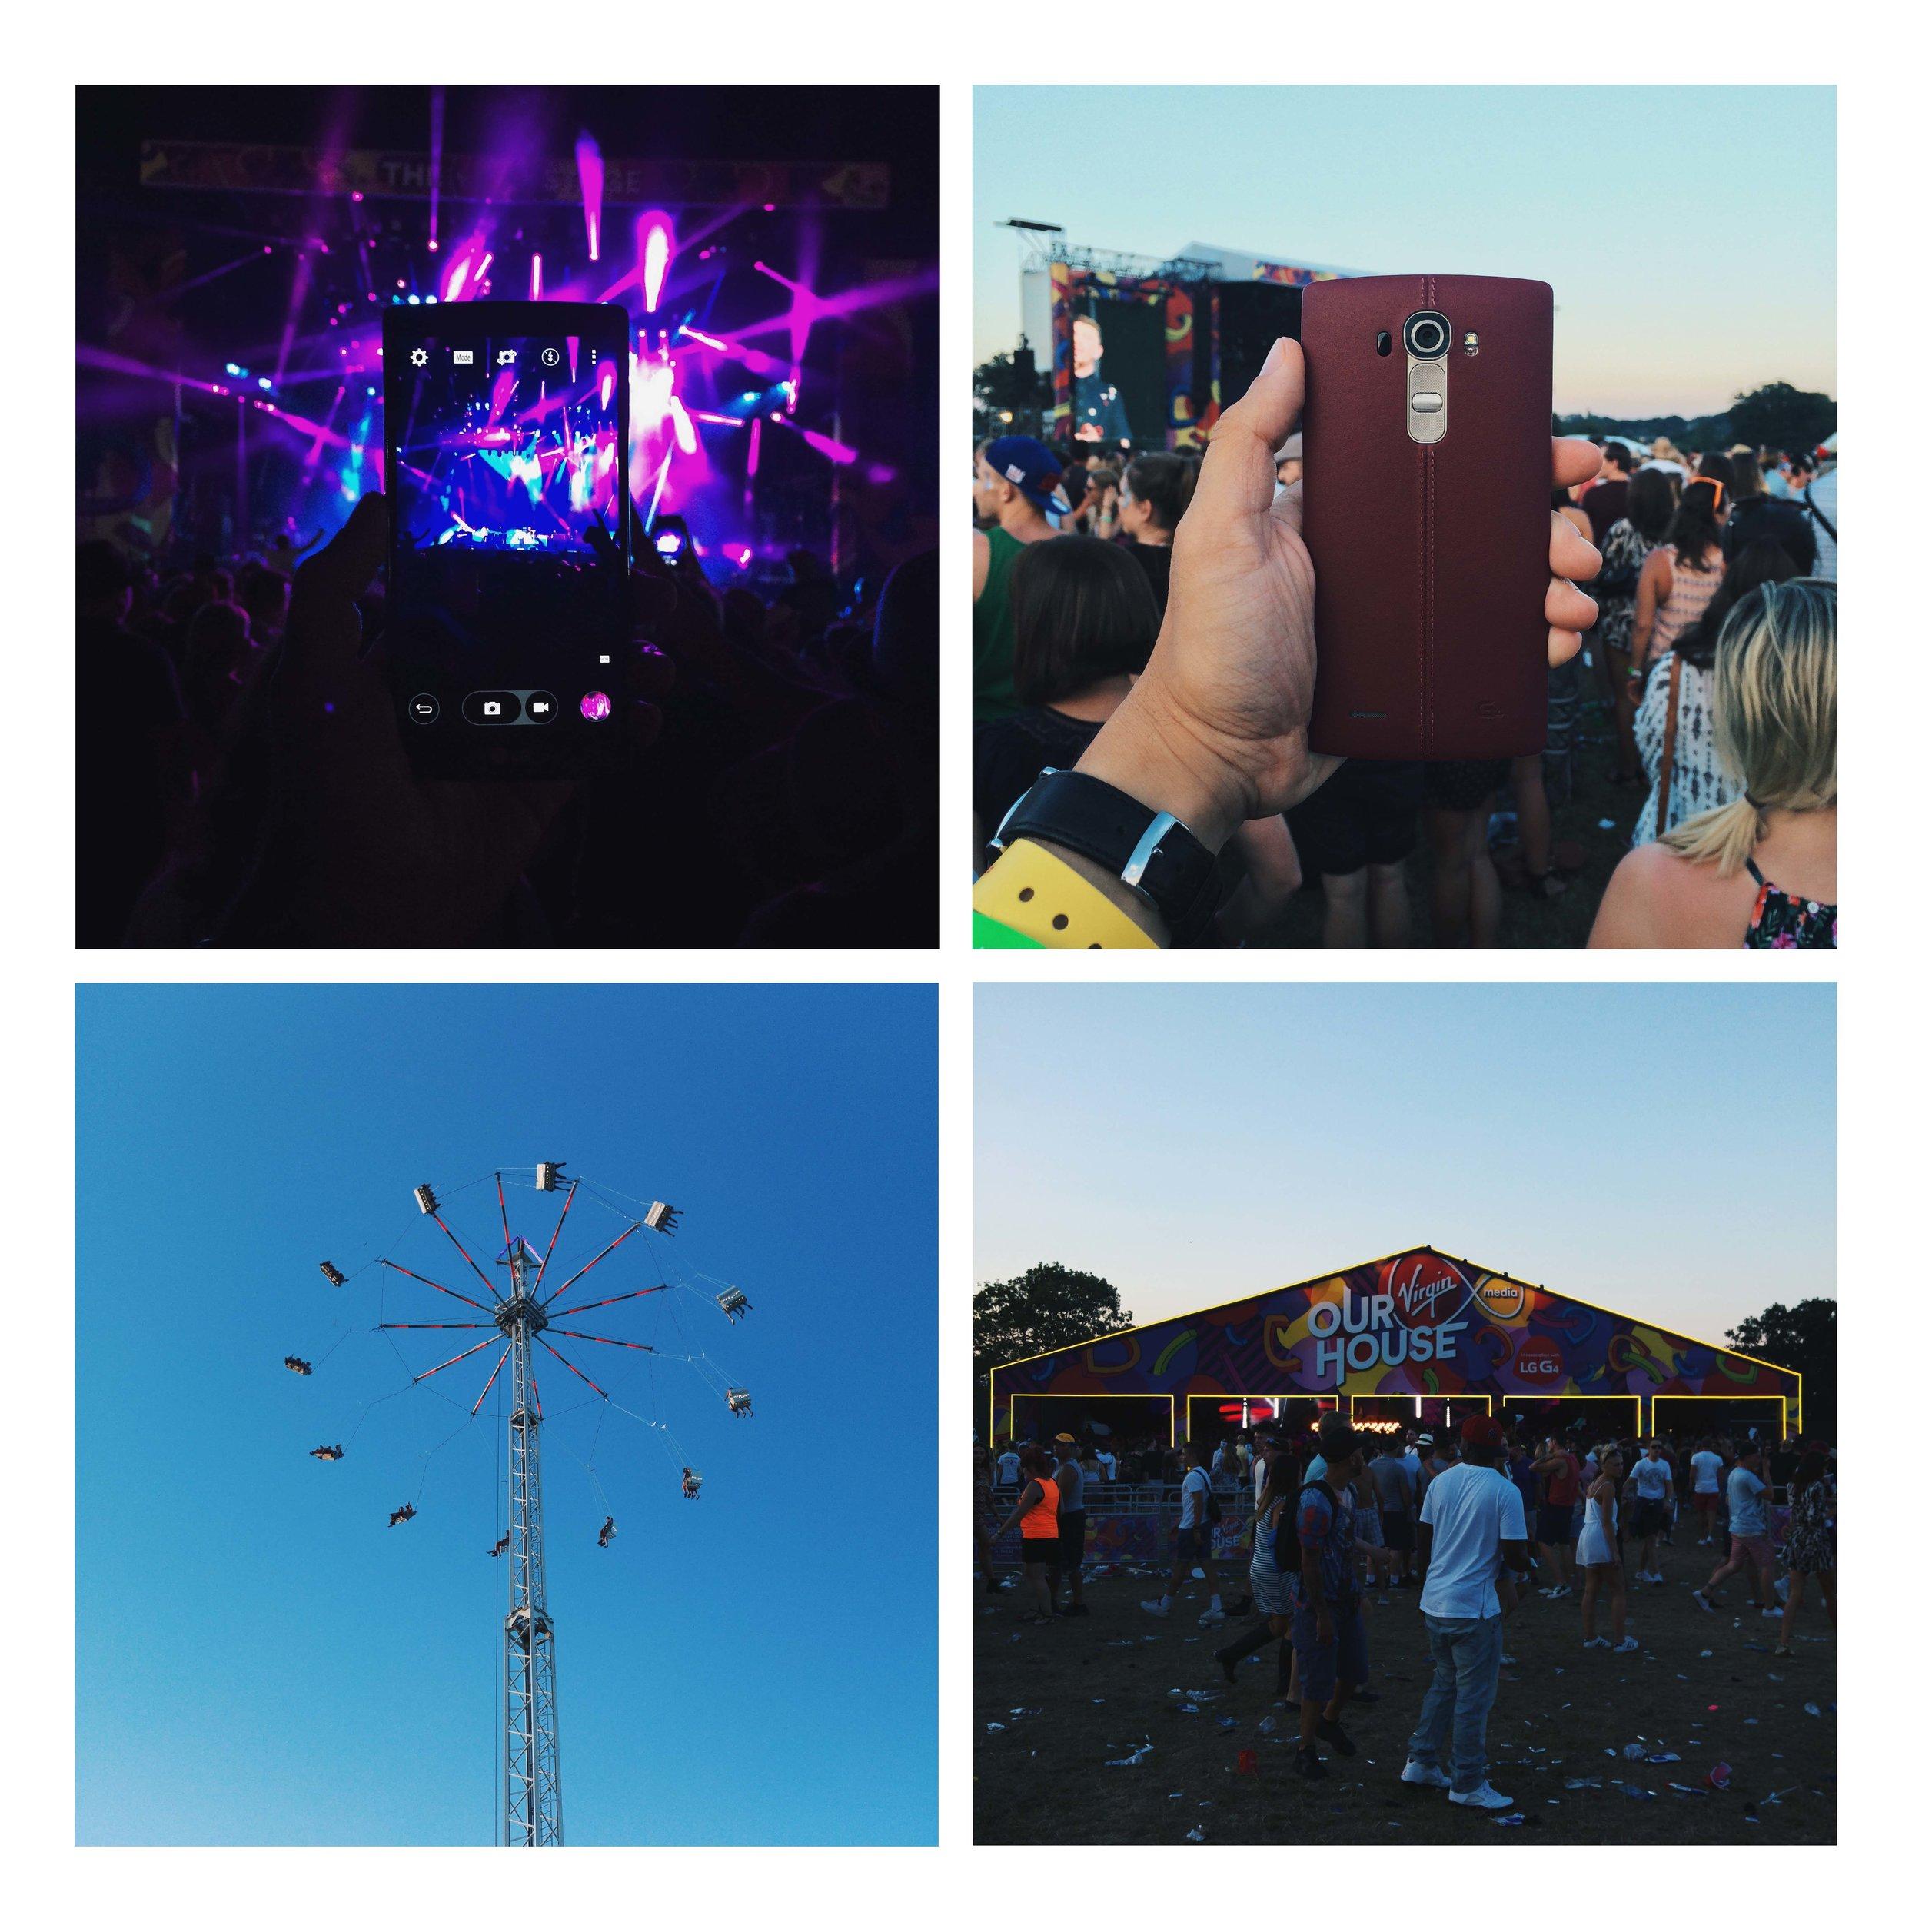 Jordan_Bunker_v_festival_with_lg_2.jpg